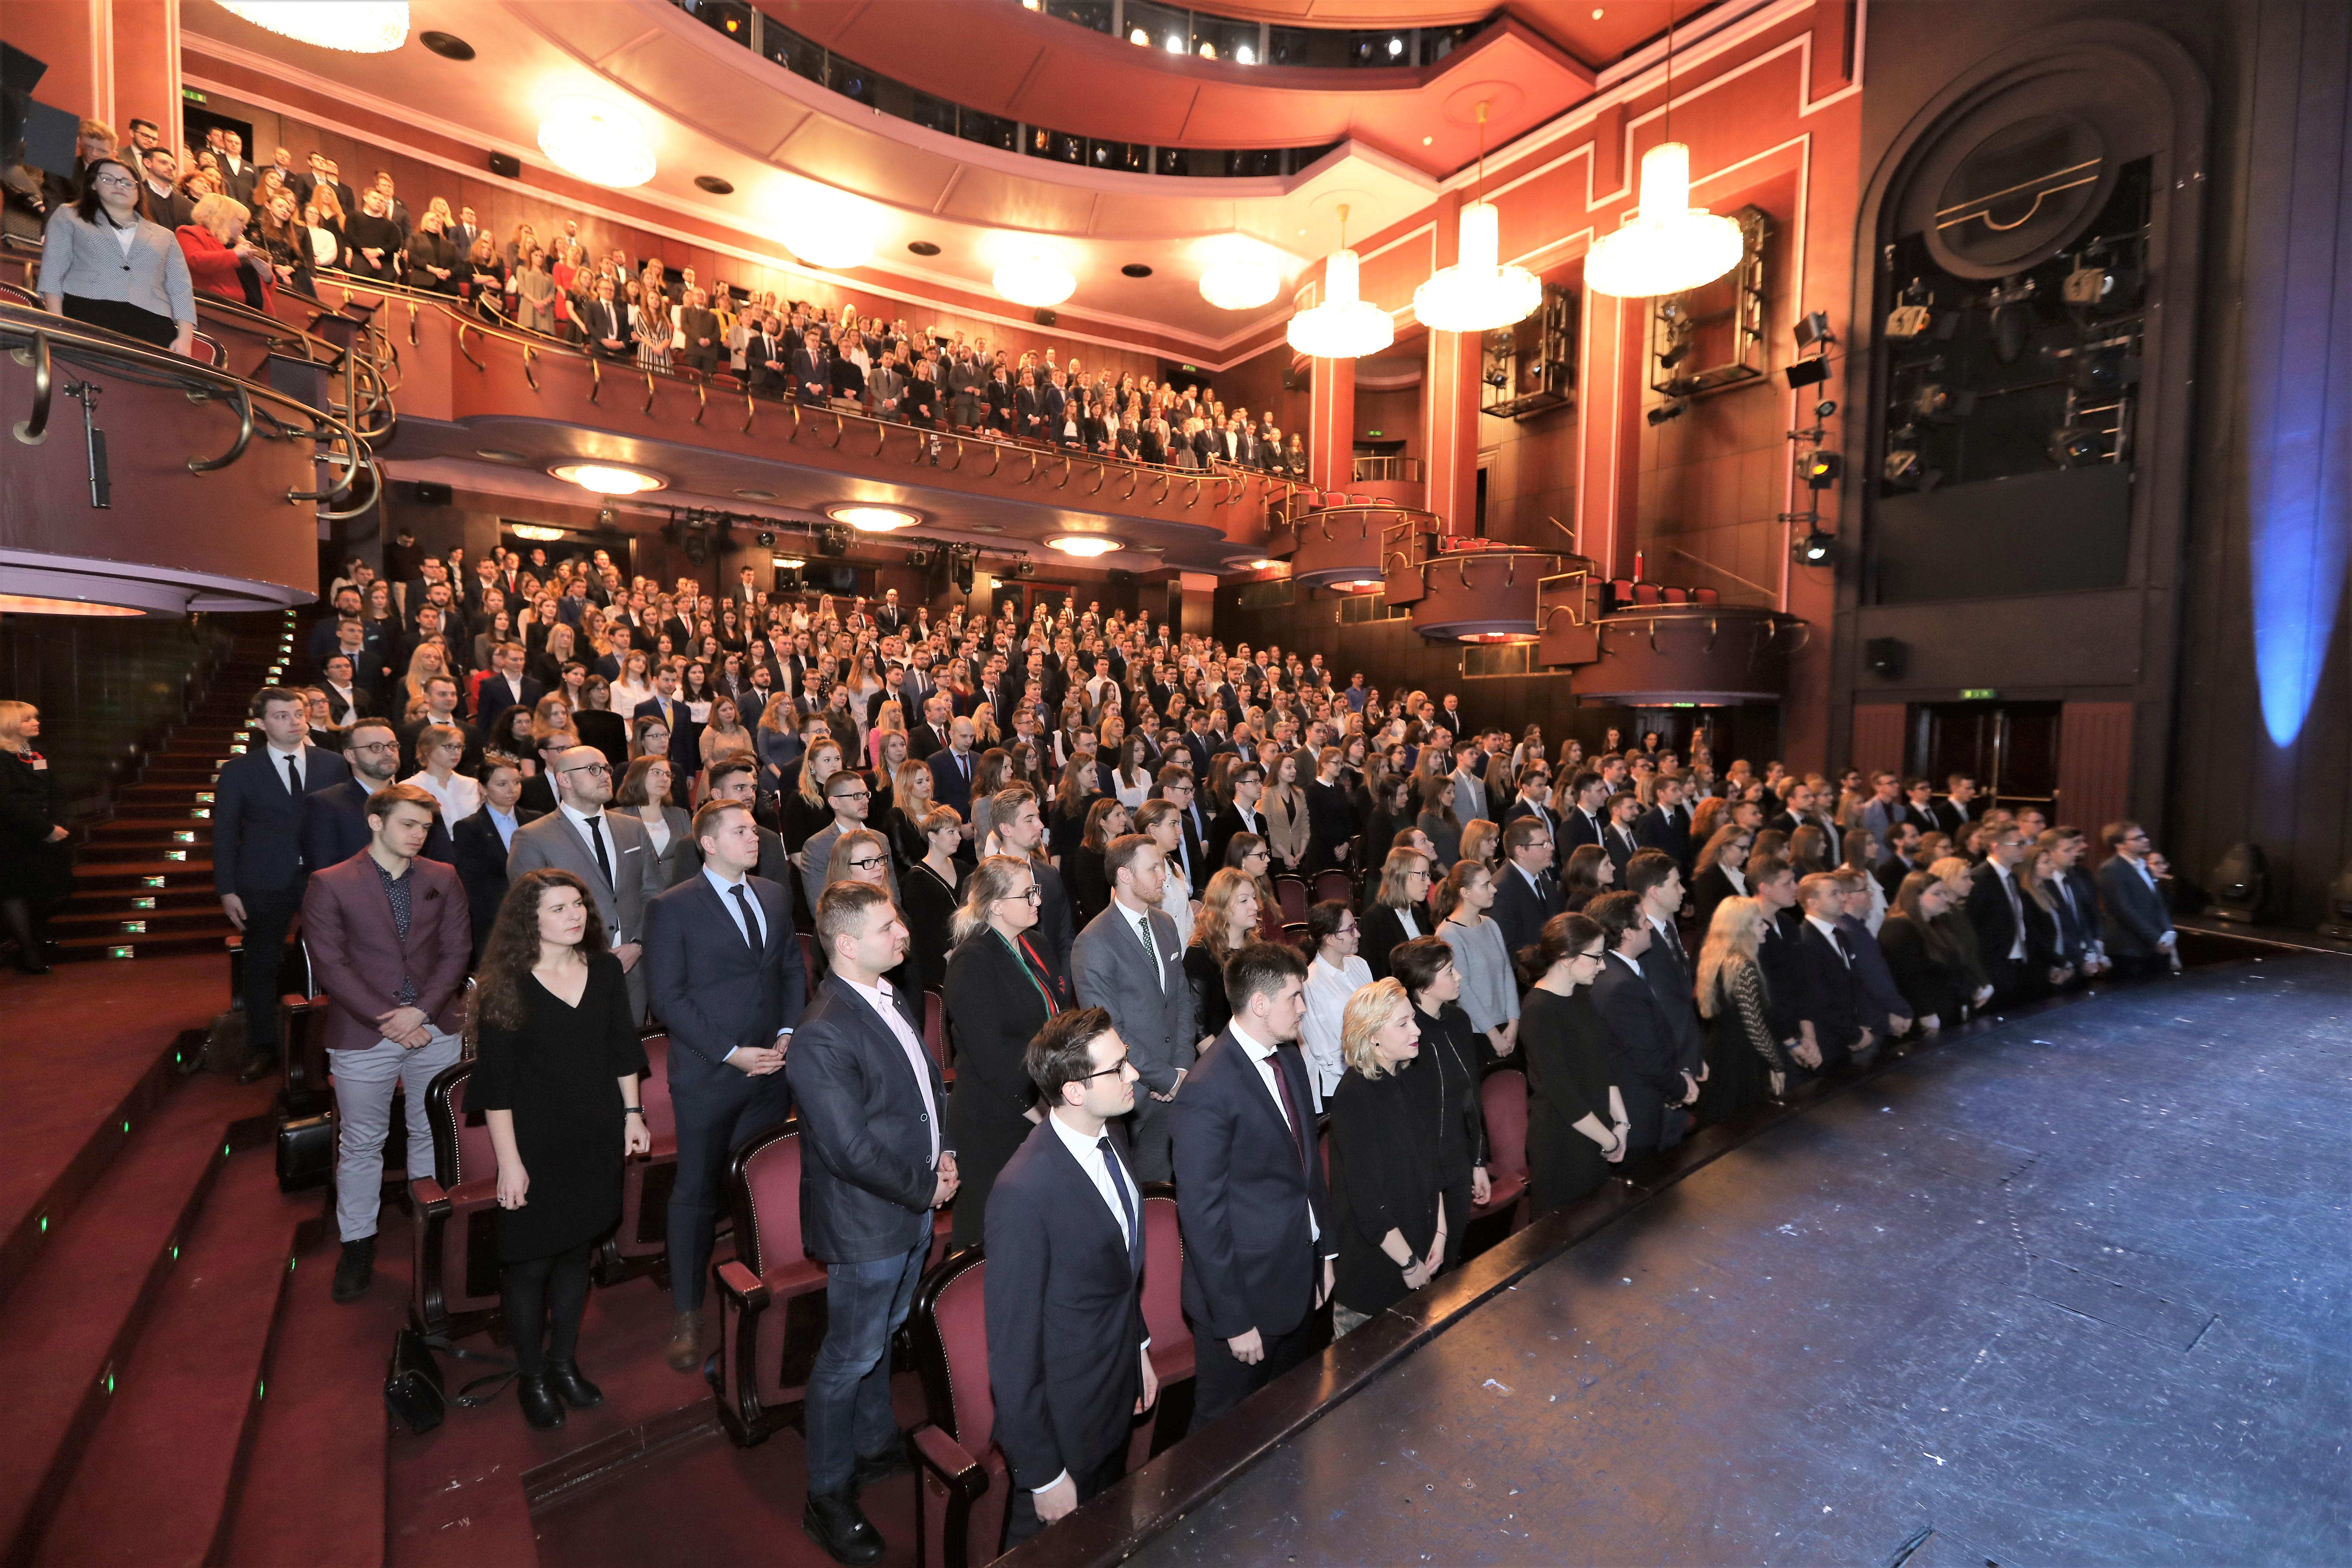 Ślubowanie aplikantów radcowskich OIRP w Warszawie